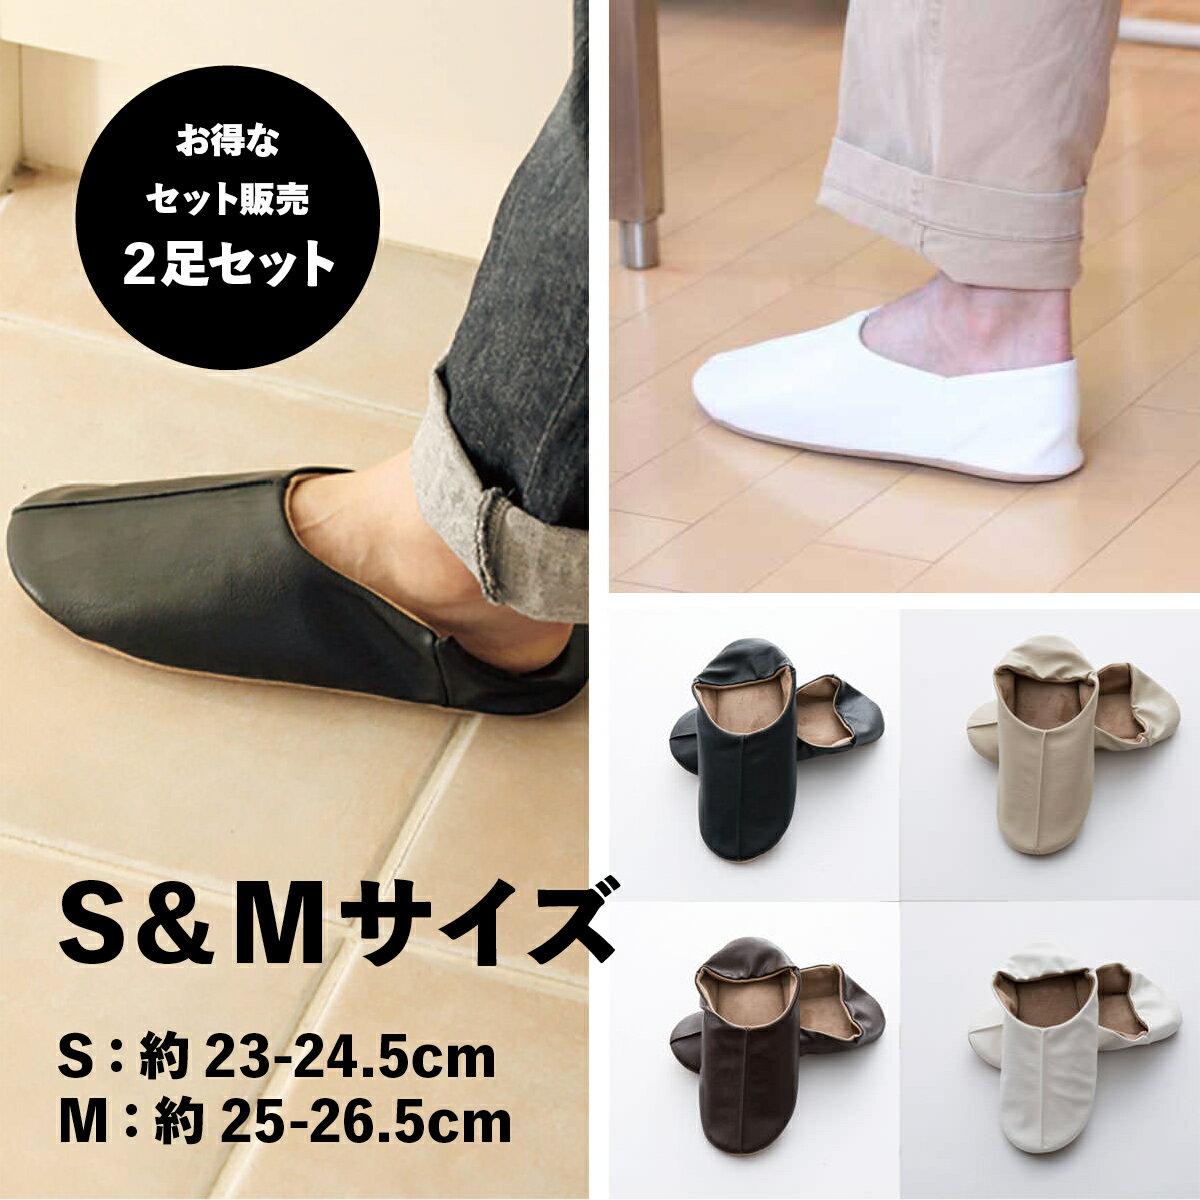 [当店通常価格¥3,888 お得なセット販売●b2cマエストロ S&Mサイズ 同色同サイズ2足セット]